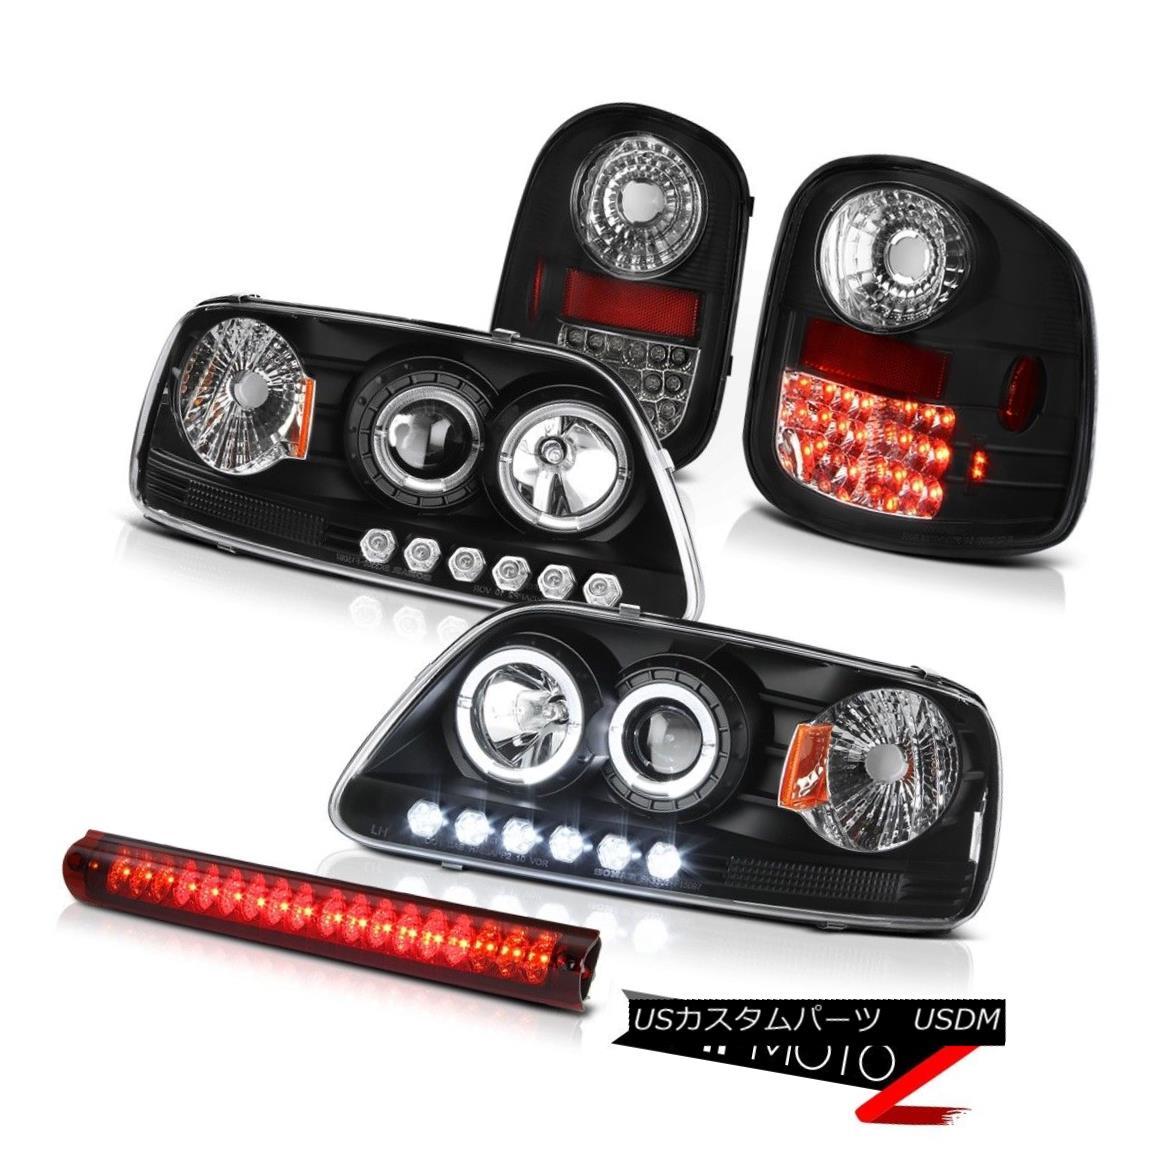 ヘッドライト Halo LED Headlights Tail Lights Red 3rd Brake 1997-2003 F150 Flareside Lightning Halo LEDヘッドライトテールライトレッド3rdブレーキ1997-2003 F150 Flareside Lightning